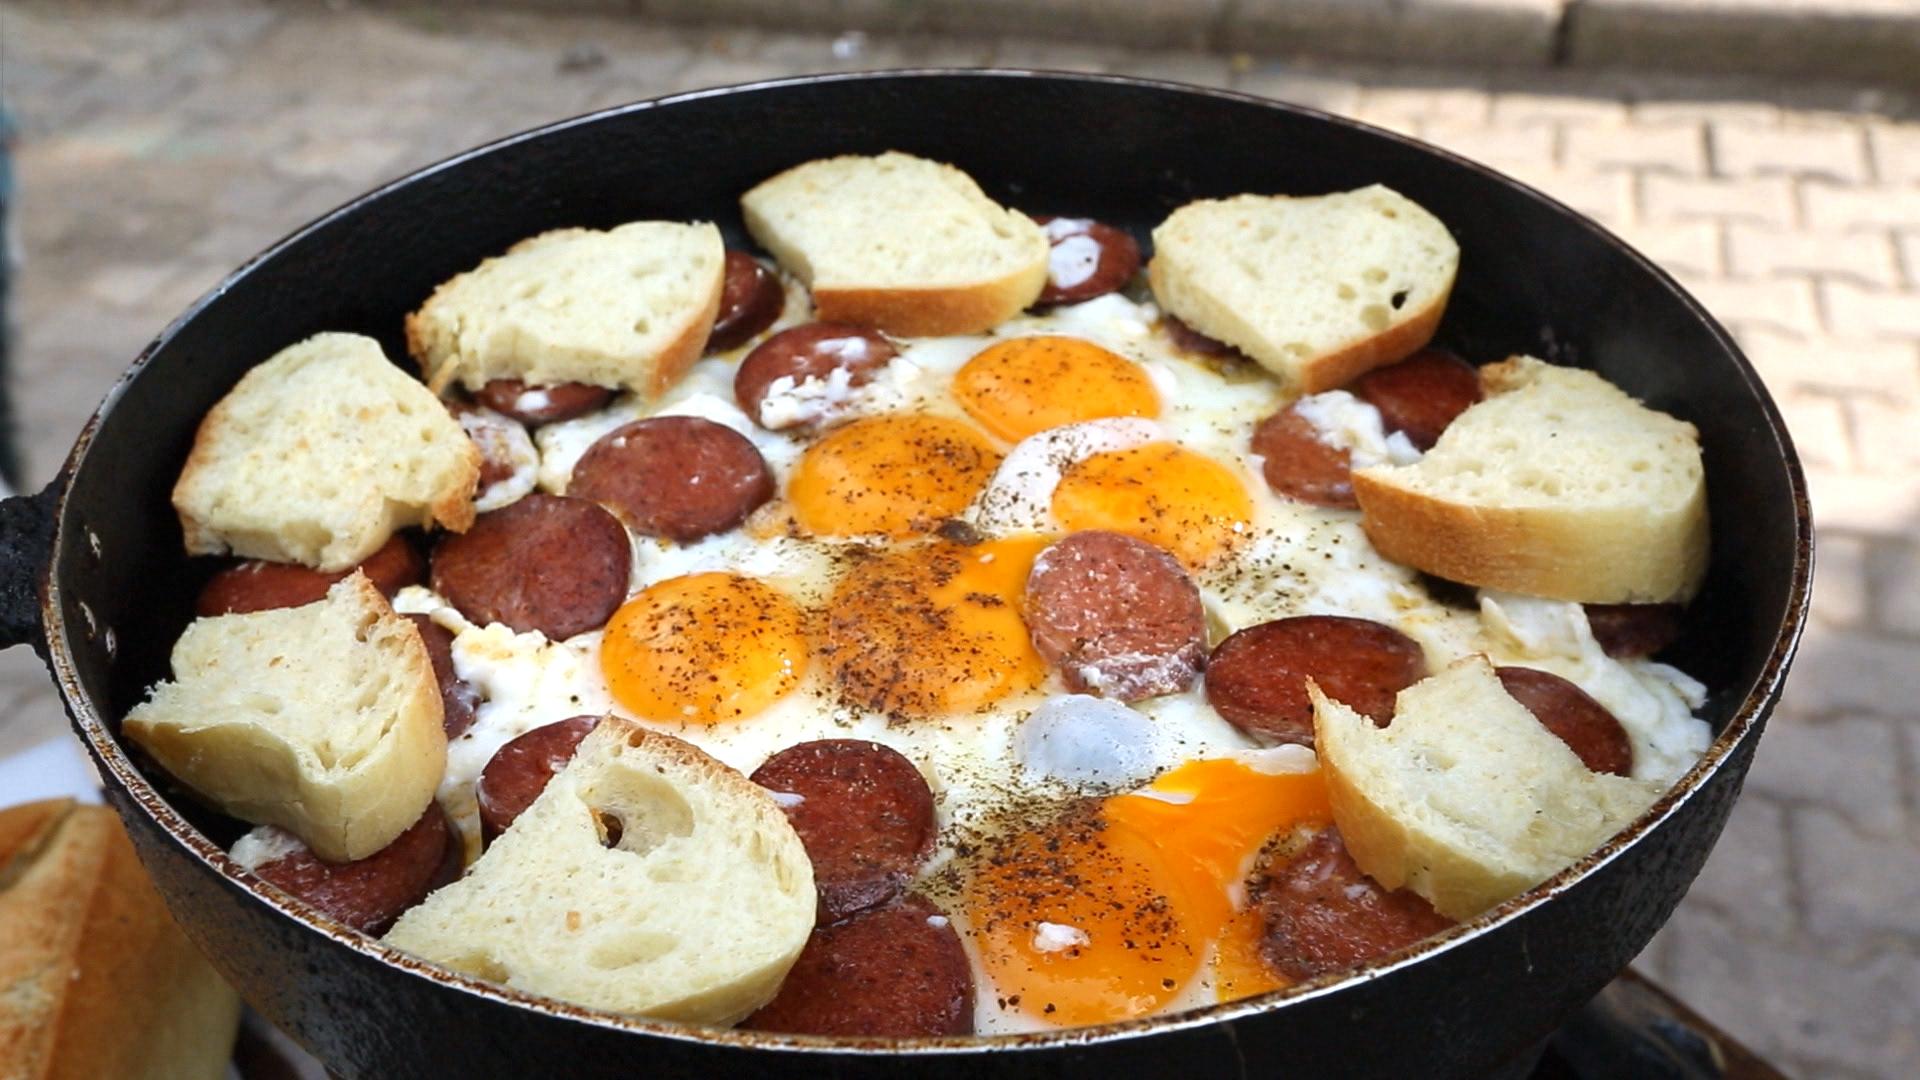 Τι συμβαίνει στον οργανισμό μας αν καταναλώνουμε κάθε μέρα αυγά